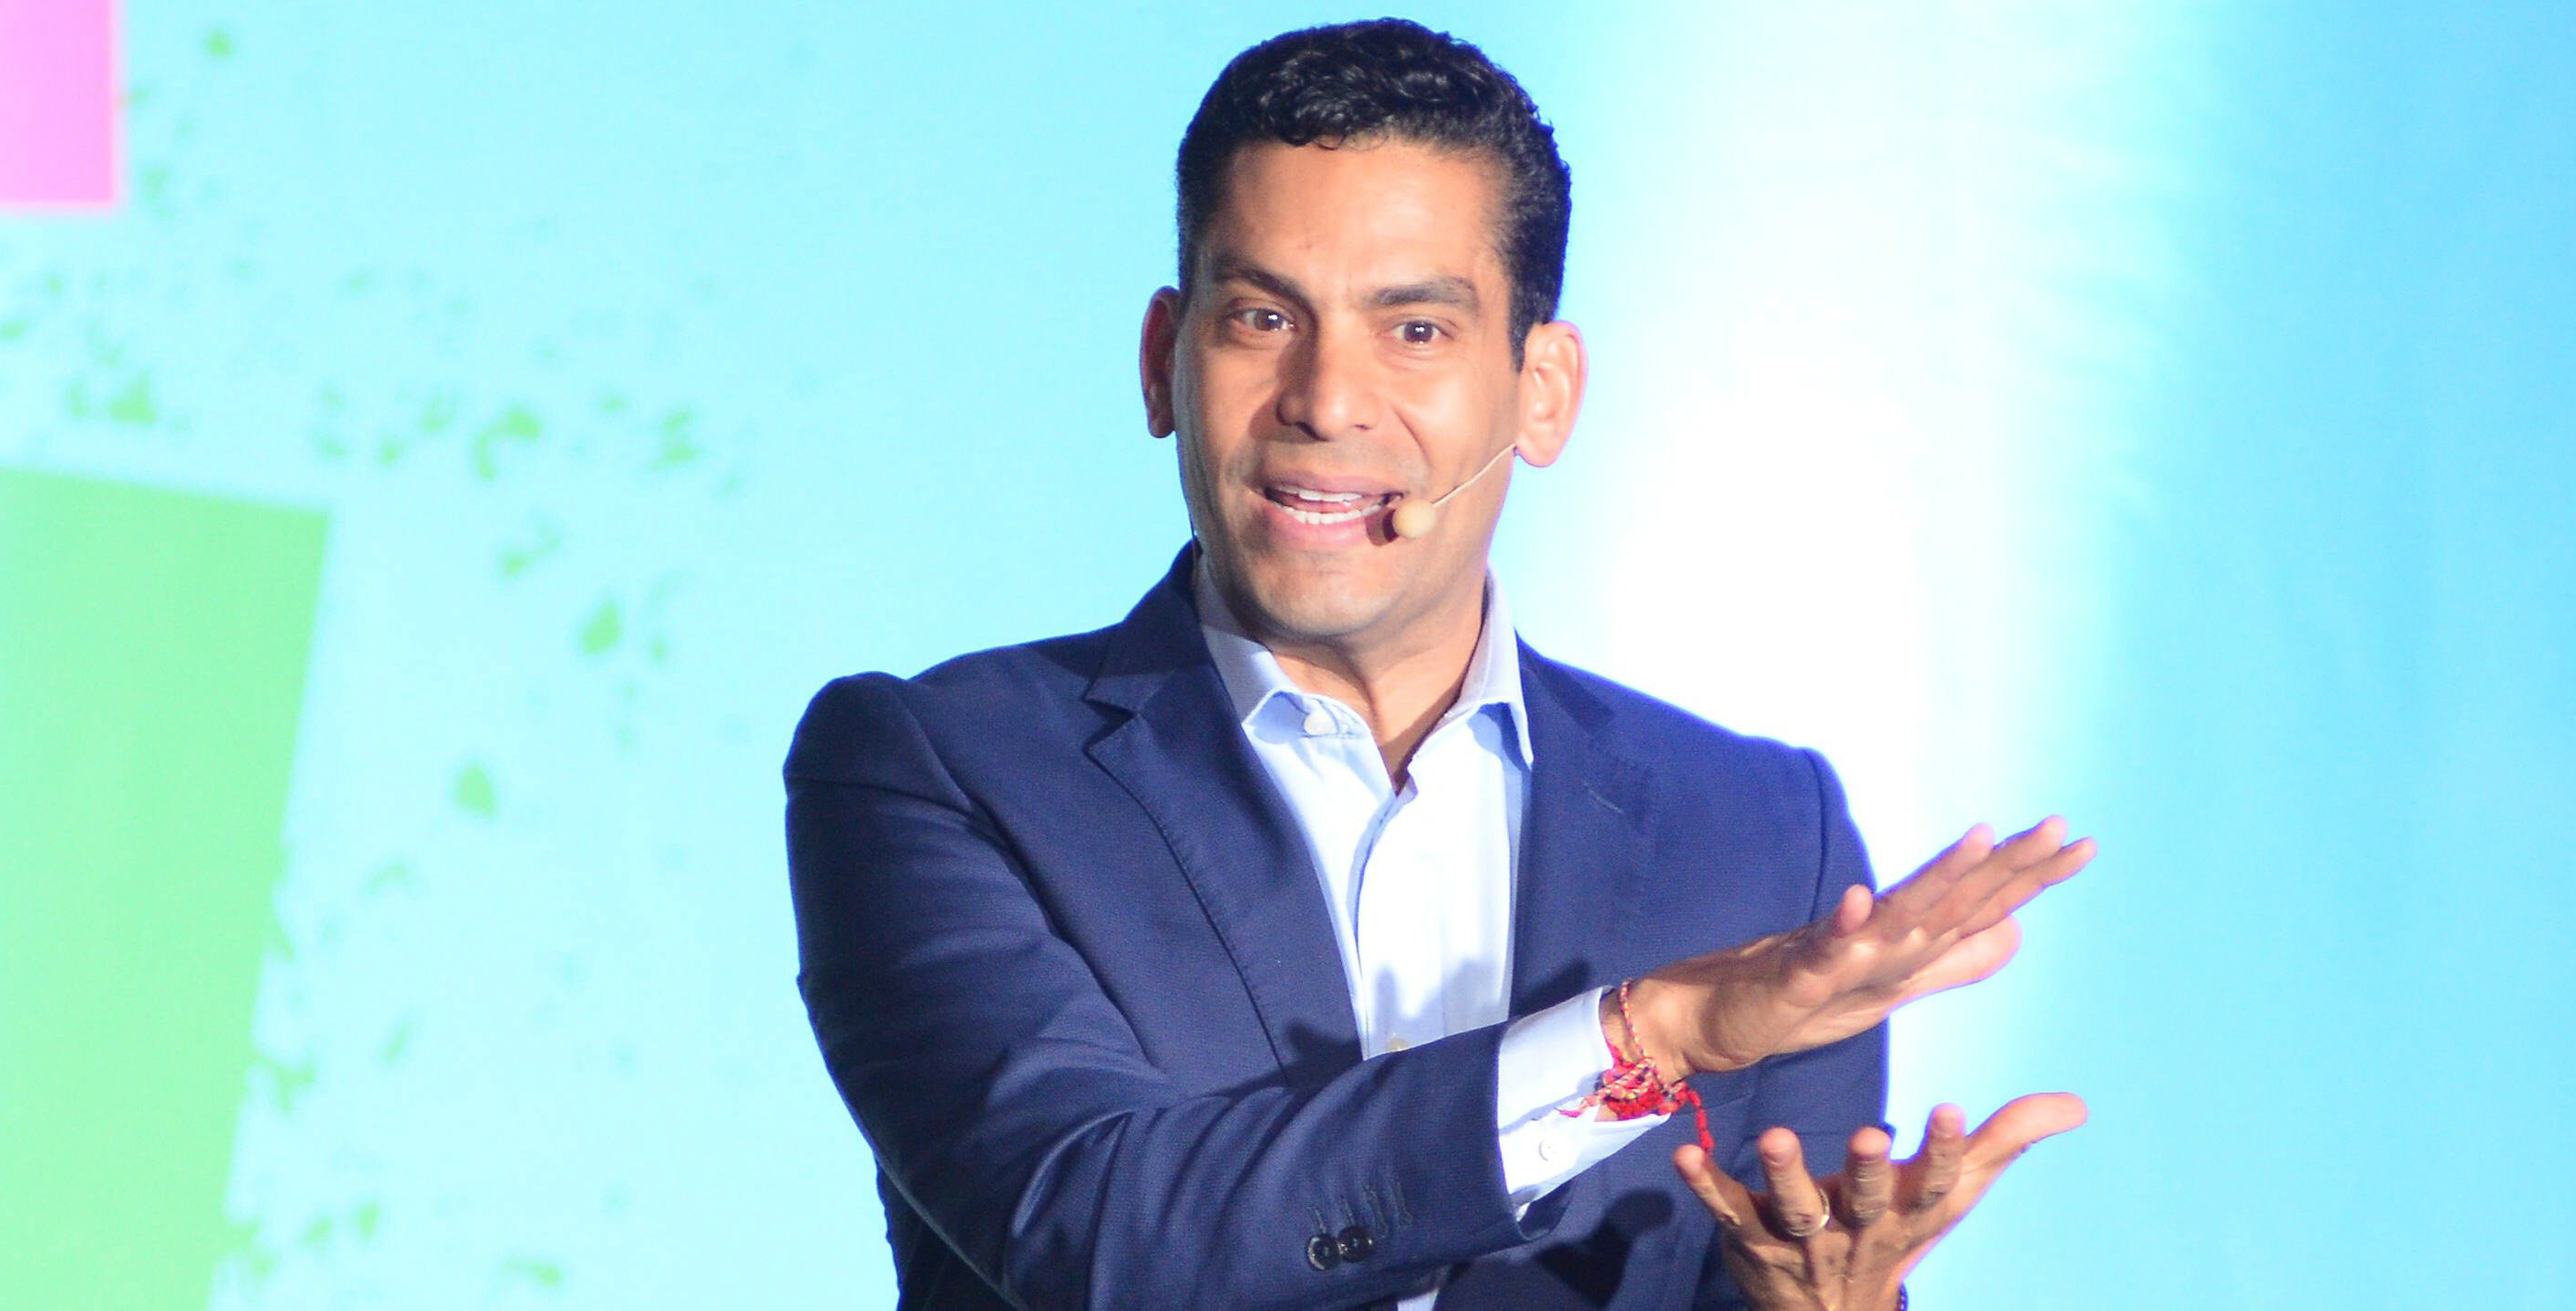 Ismael Cala durante una conferencia ofrecida en Miami hace unos meses. EFE/Gaston De Cardenas